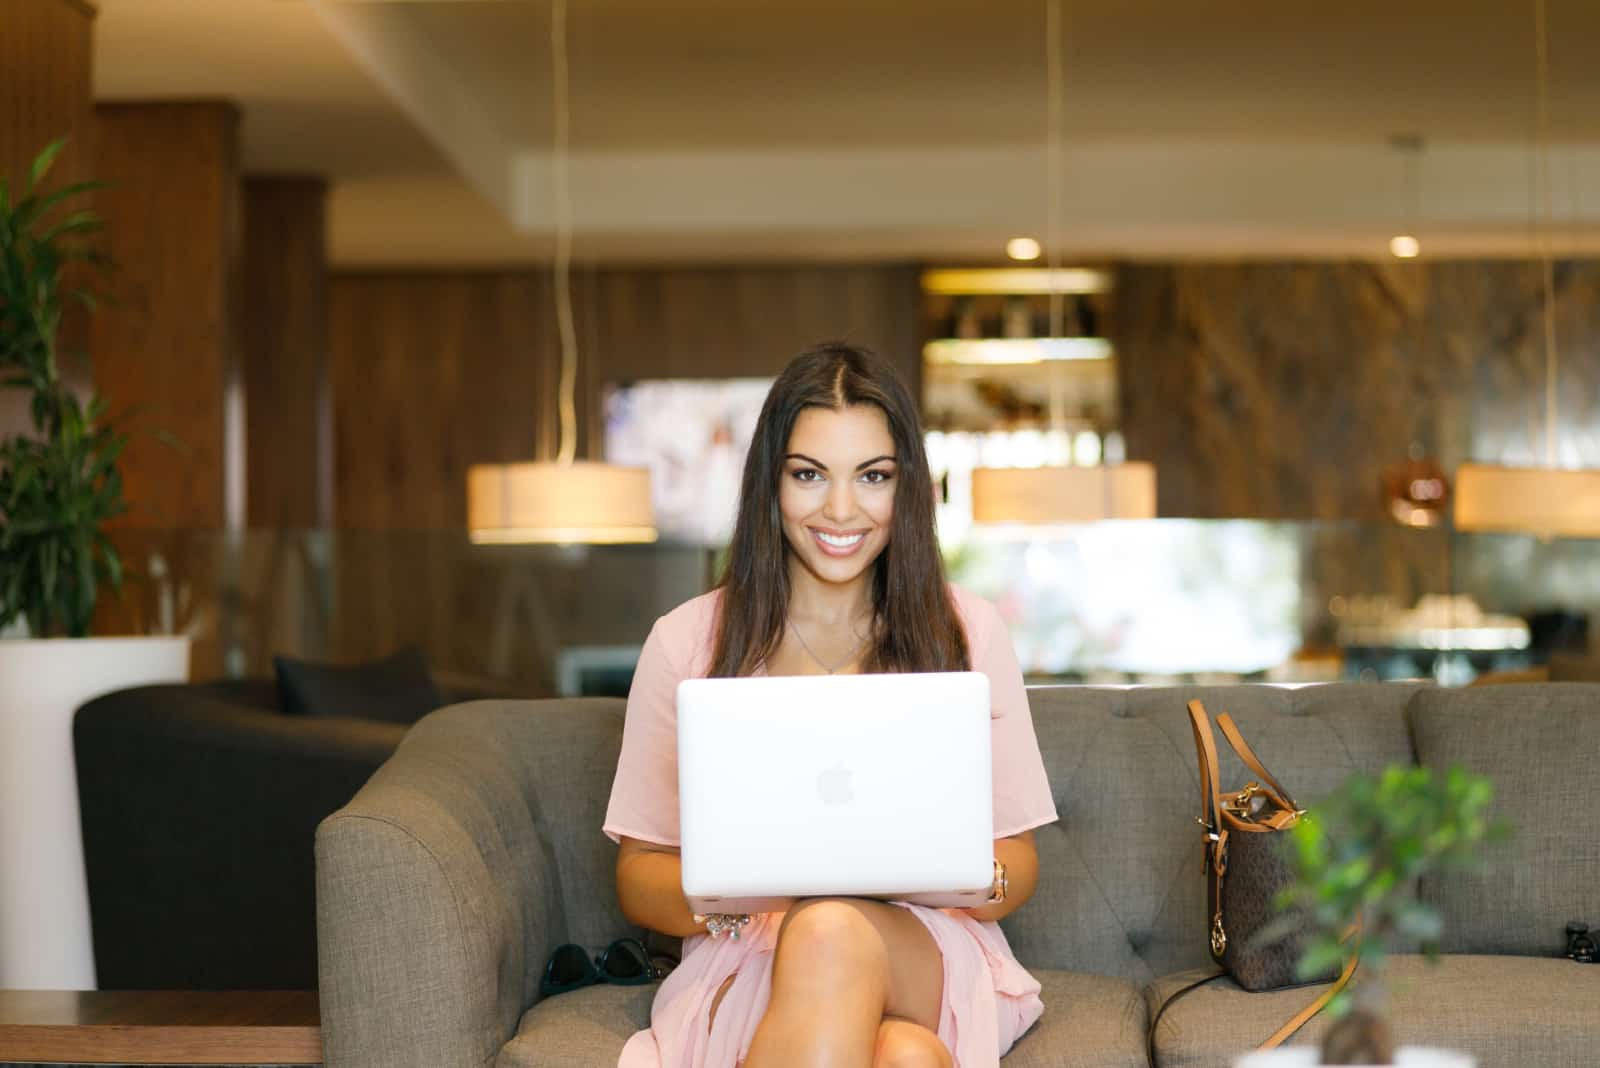 femme heureuse en robe rose tenant un ordinateur portable